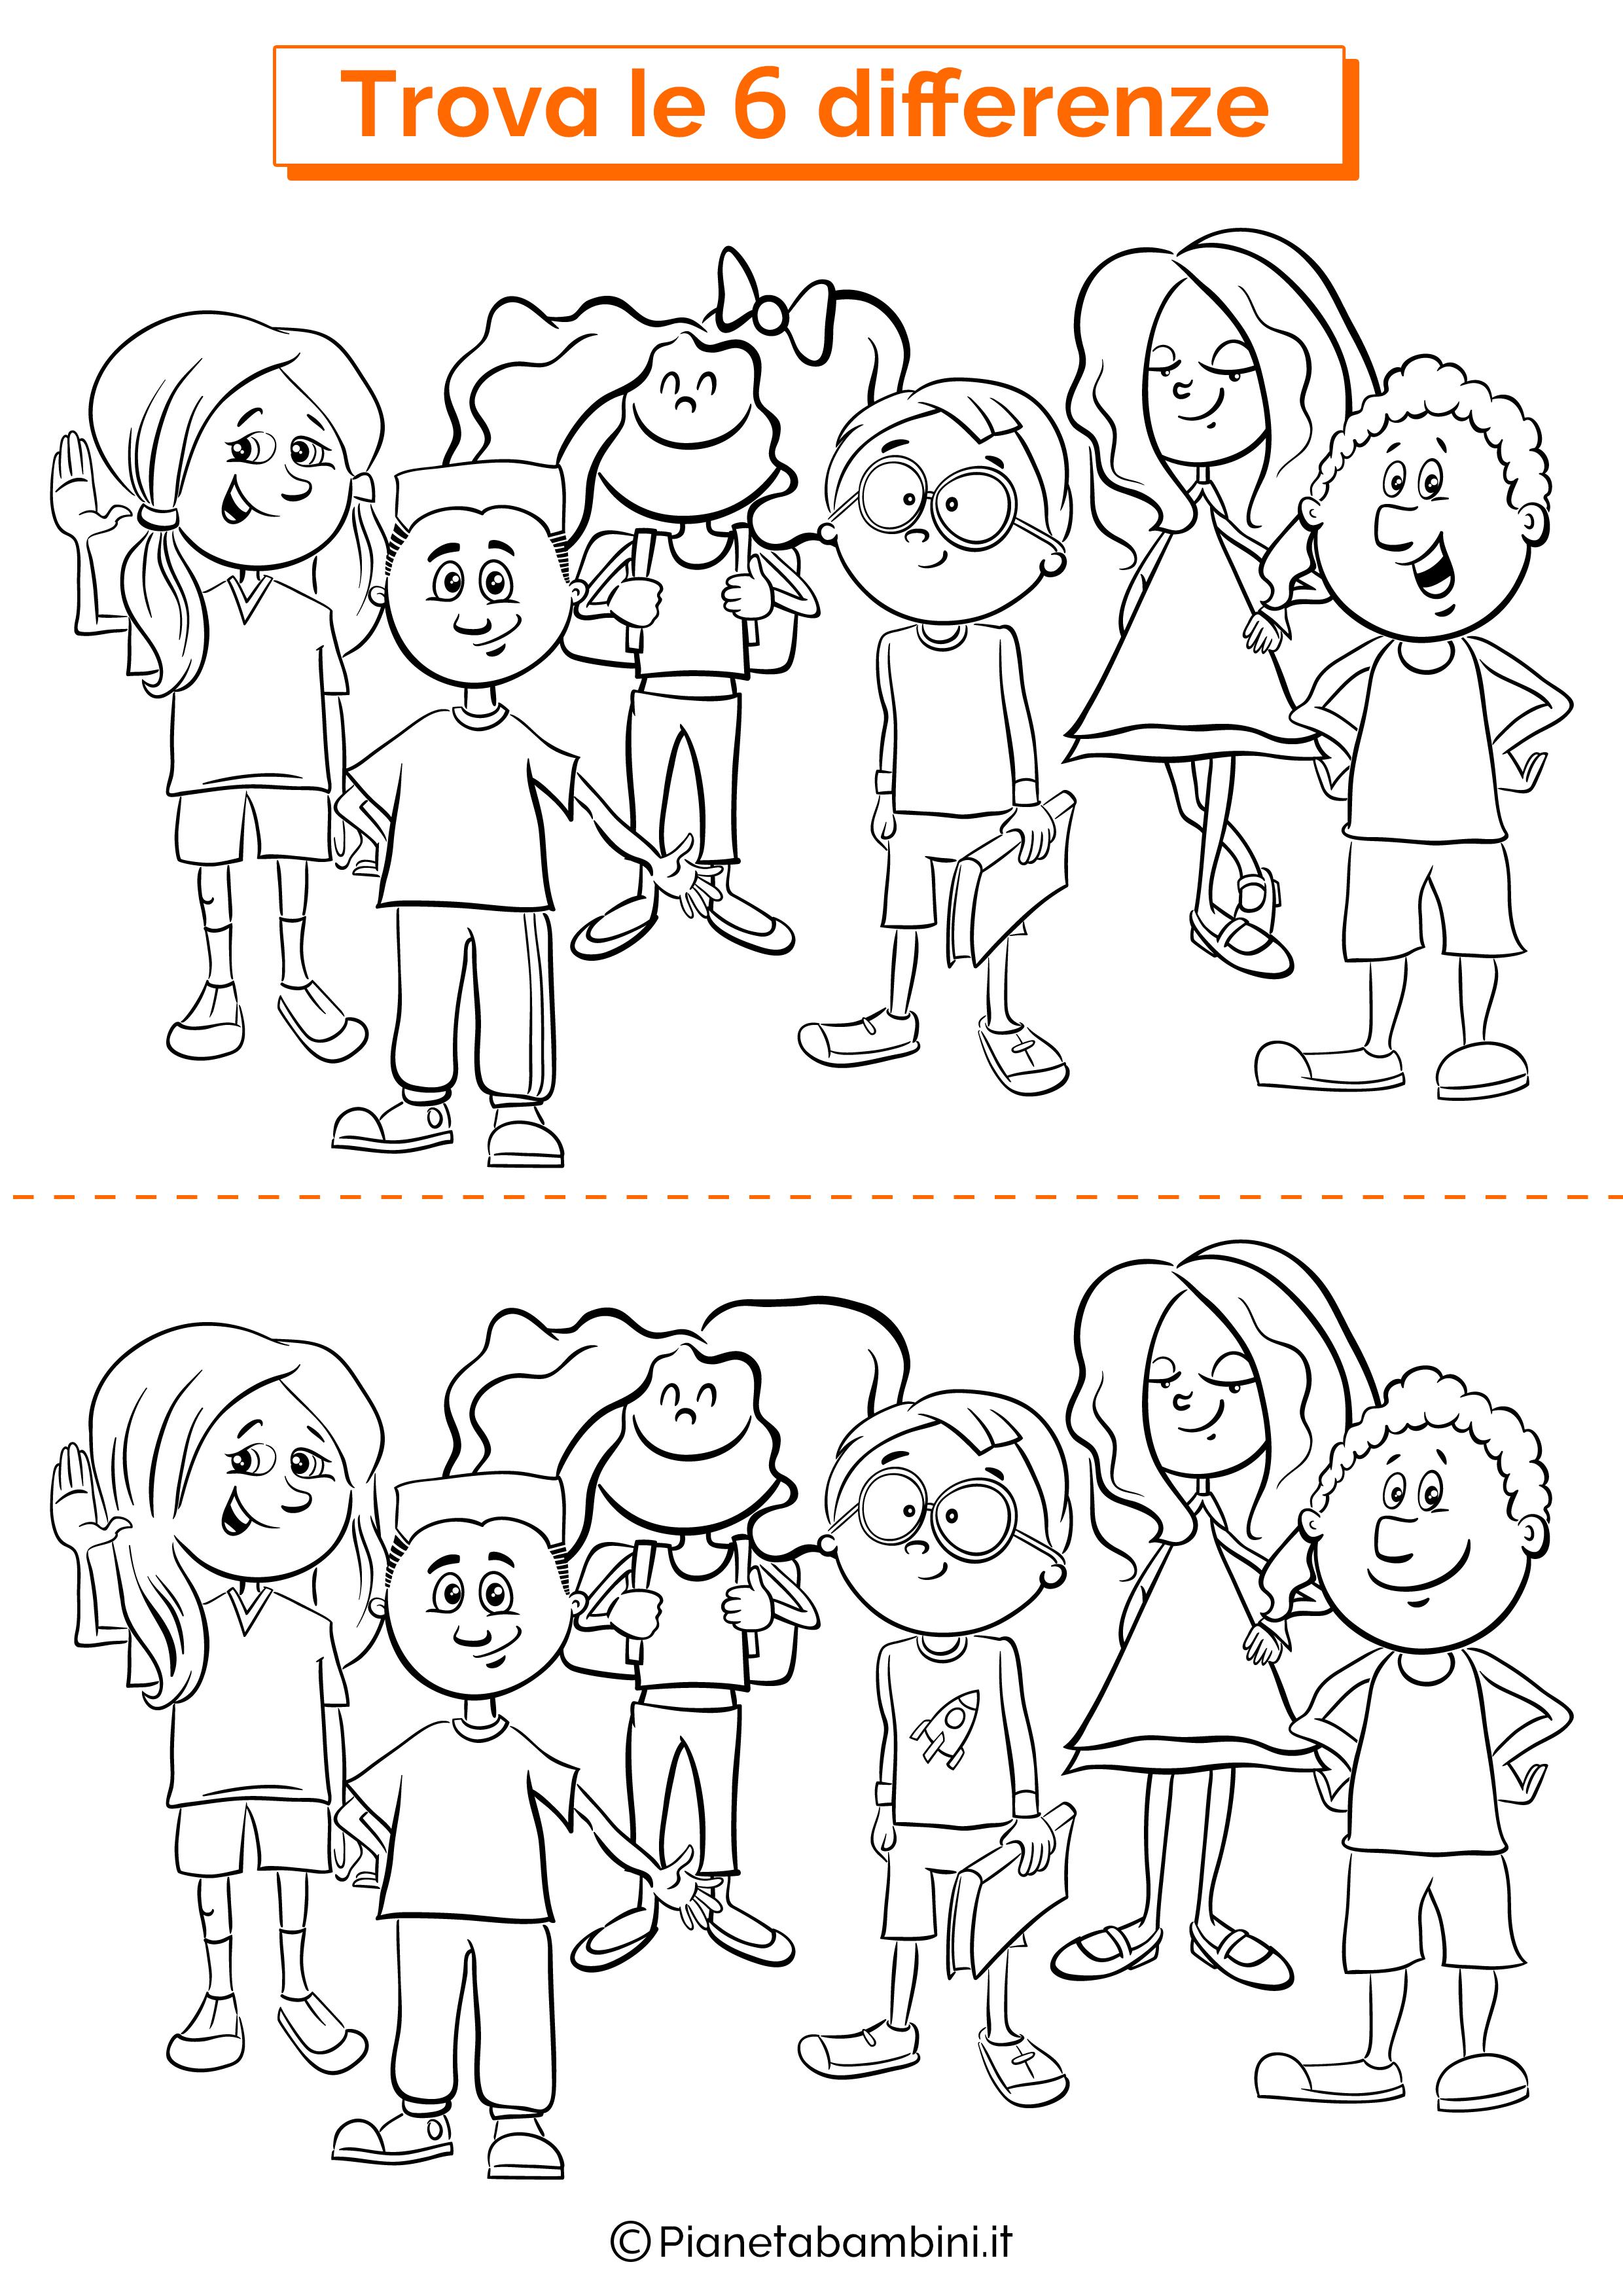 Disegno trova 6 differenze scolari